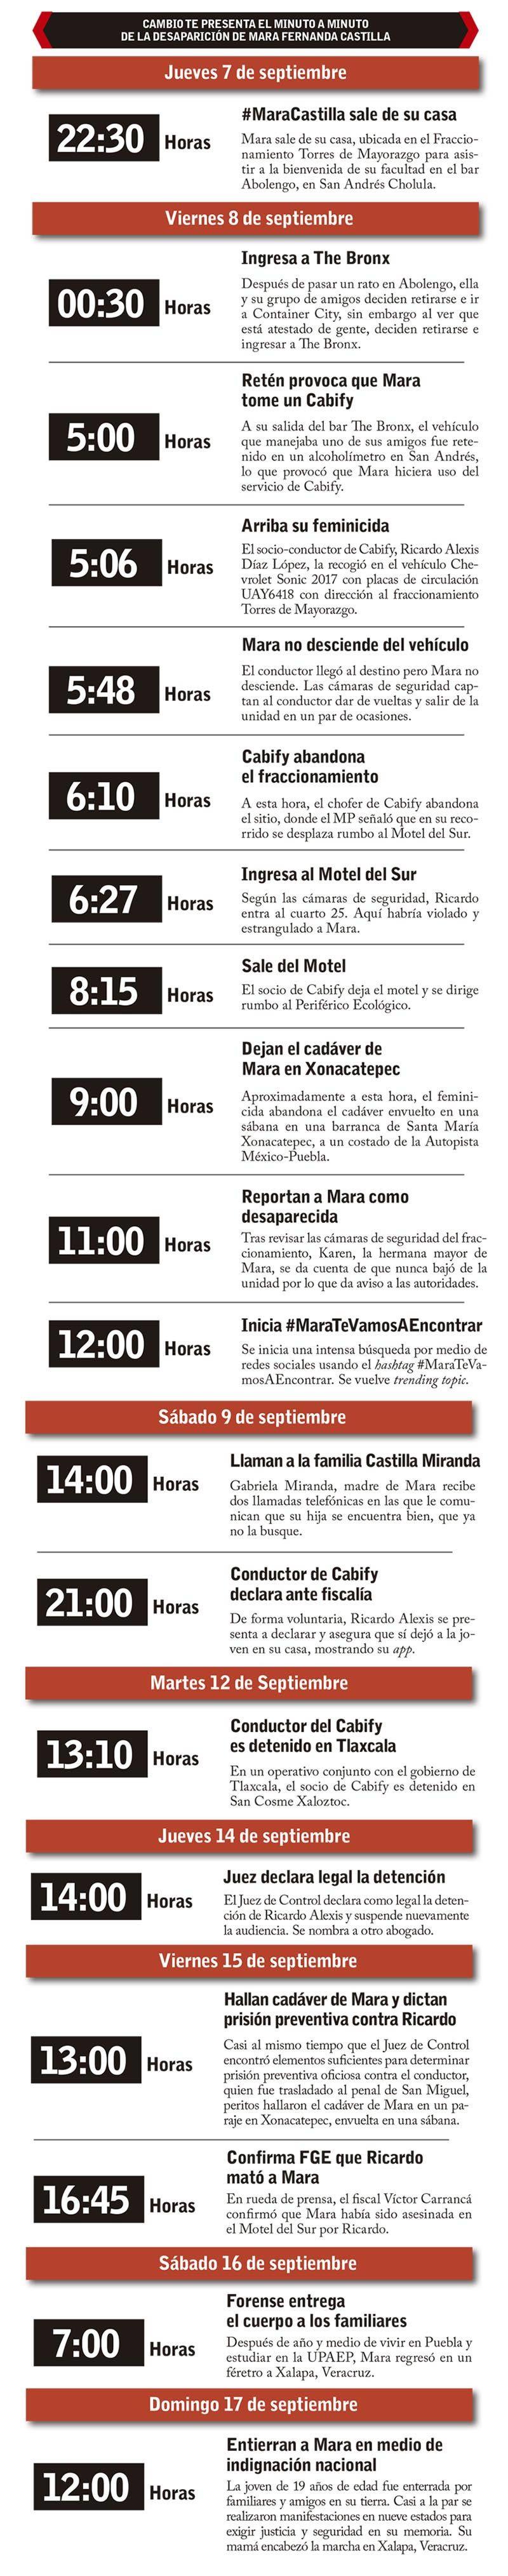 minuto a minuto Mara Castilla.jpg